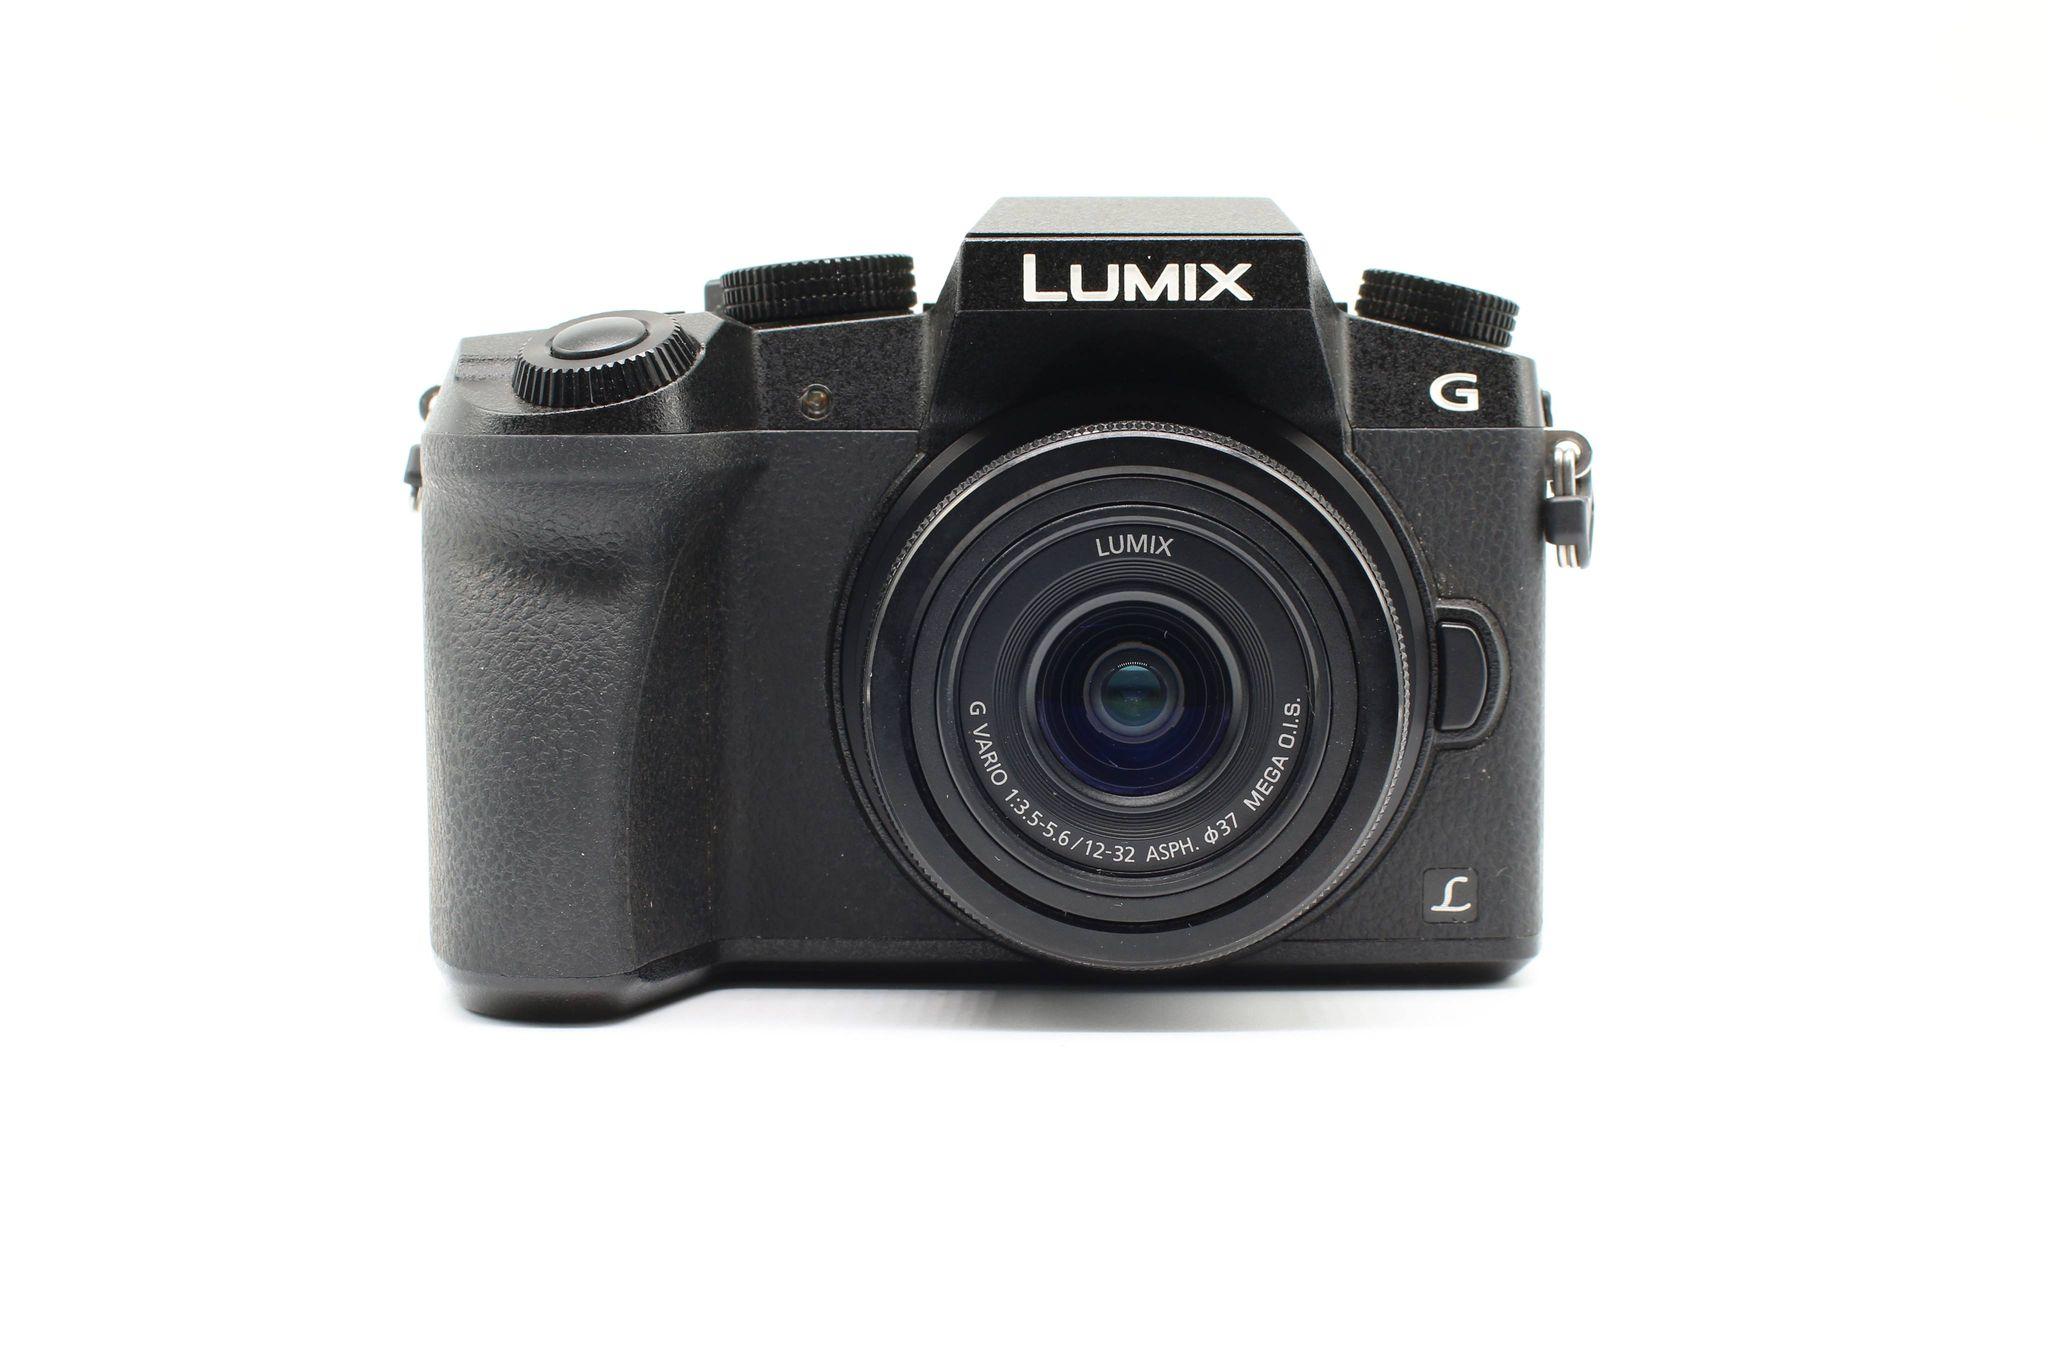 Máy ảnh Lumix DMC-G7 kèm lens 12-32 f/3.5-5.6, Mới 98%